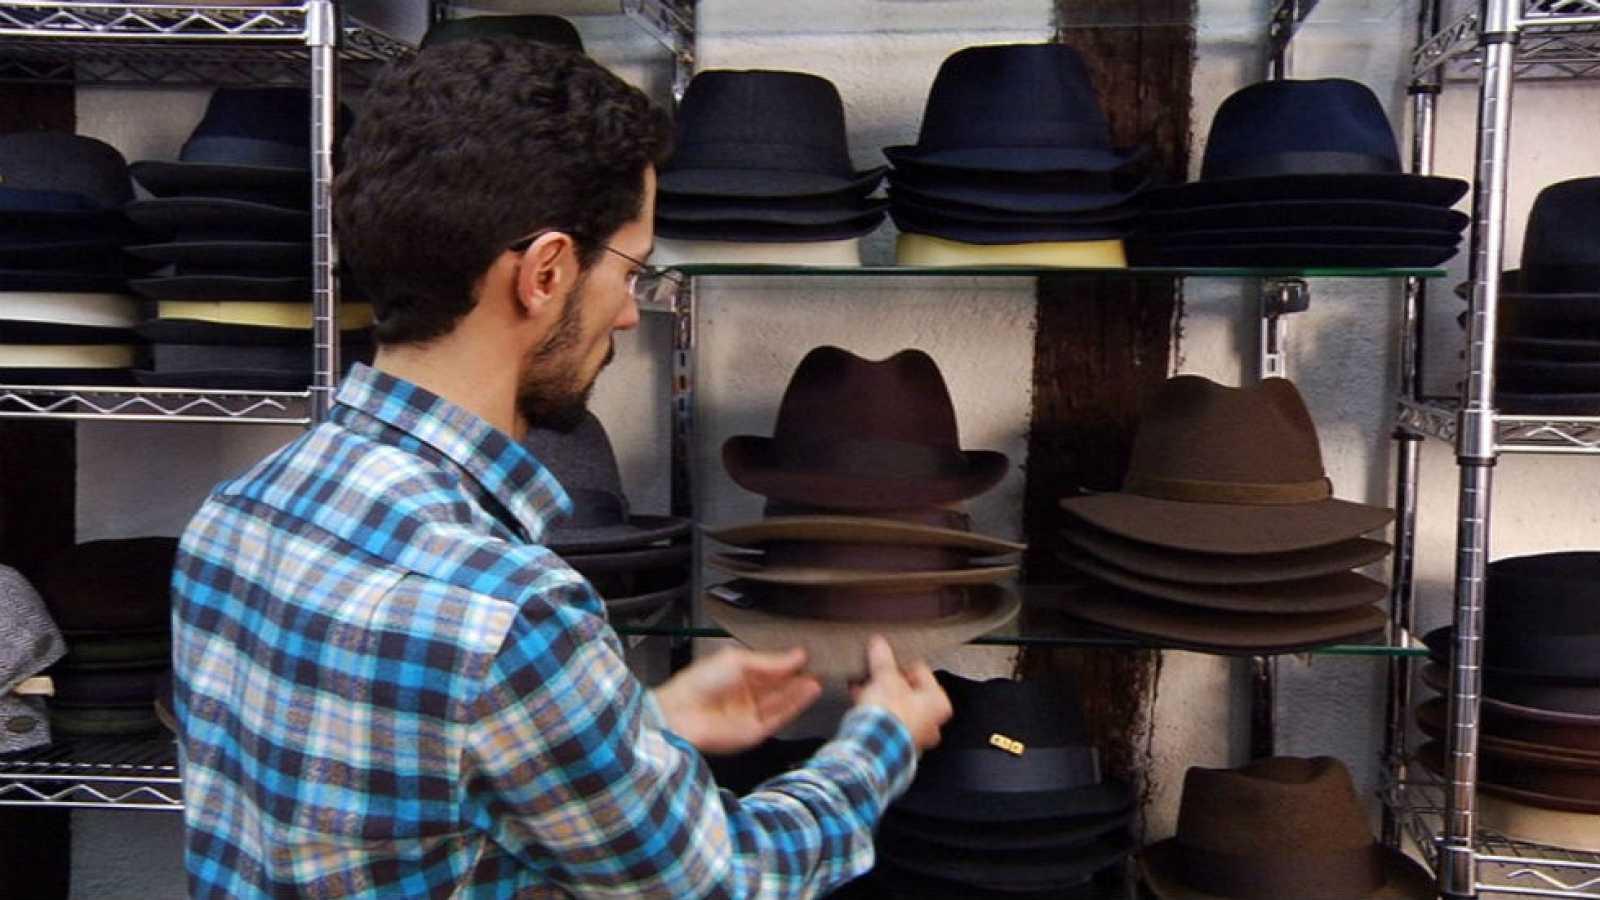 Para todos los públicos Sombreros con nombre propio reproducir video 4ddf4a9acf2